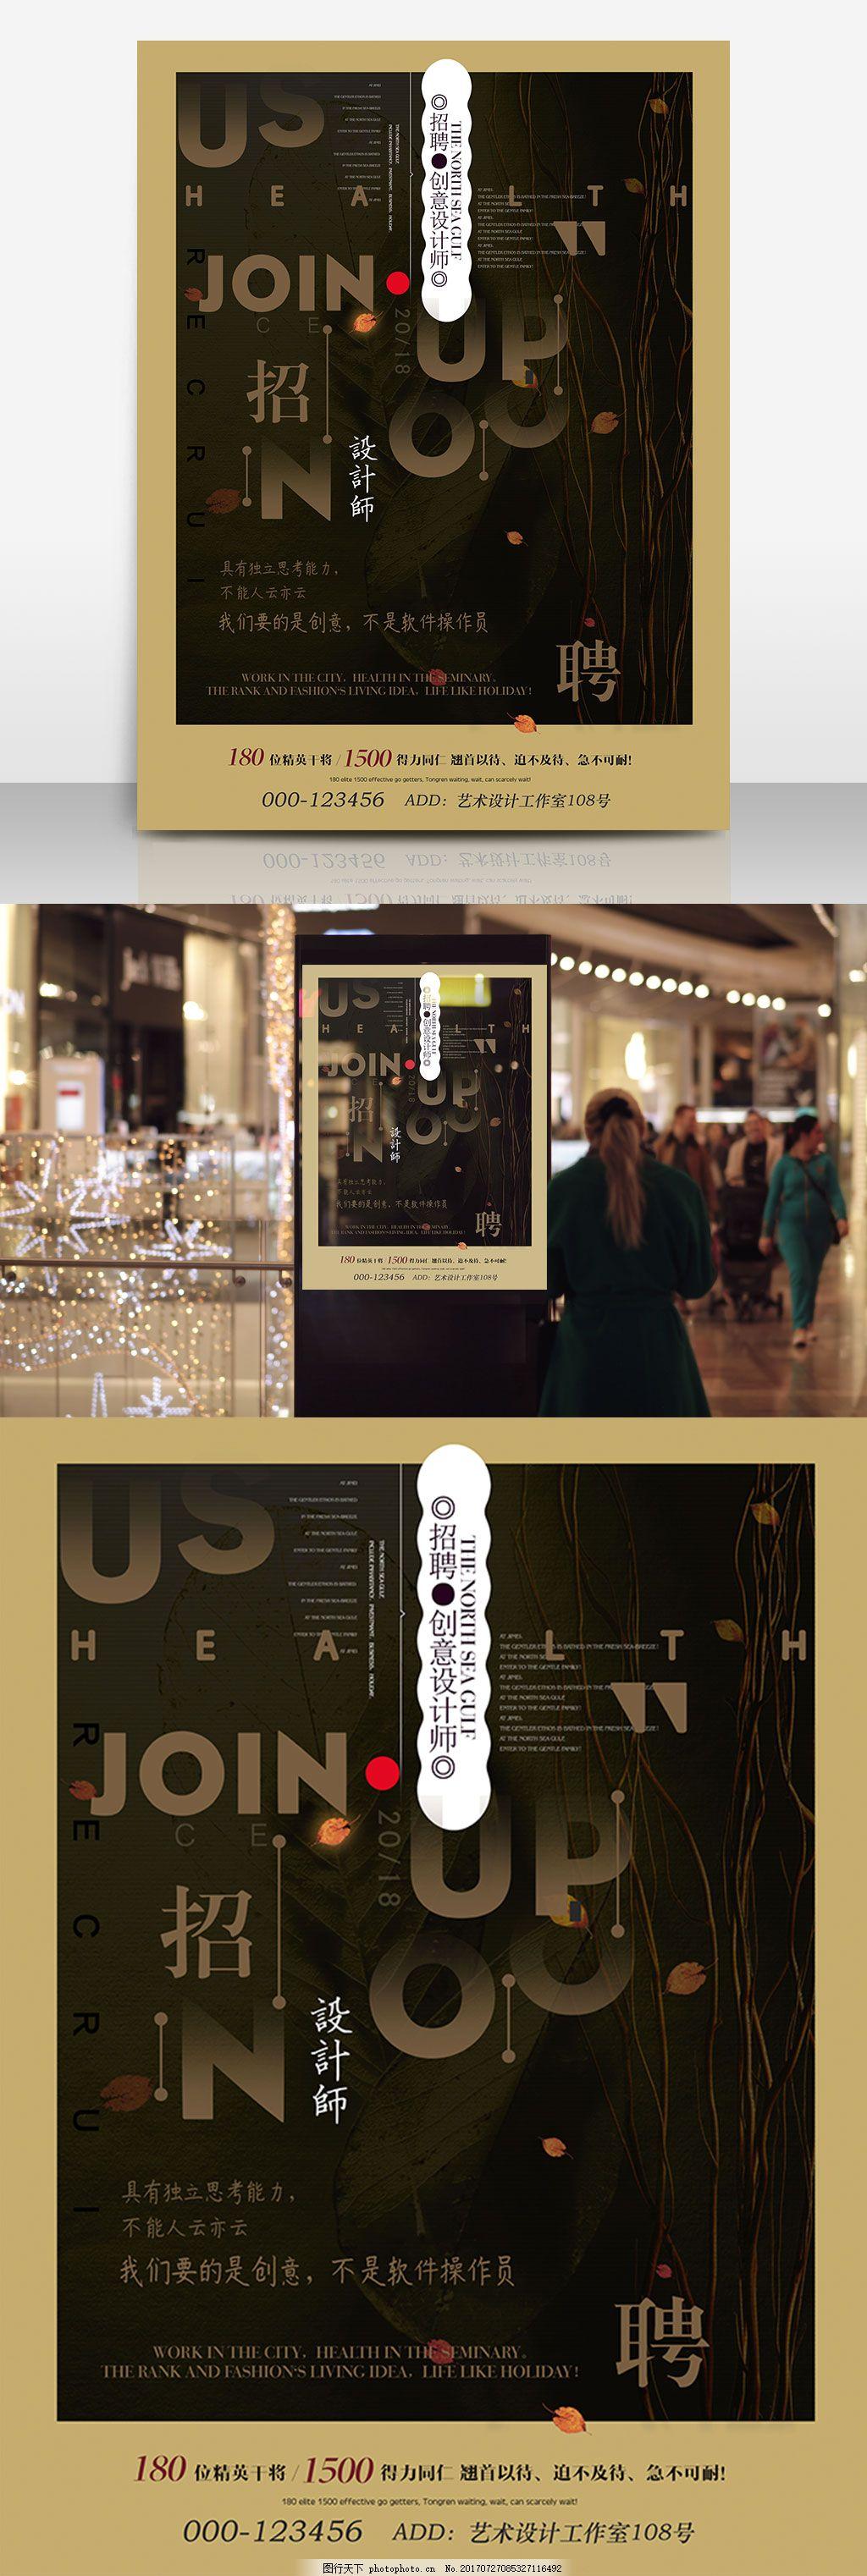 招聘创意简约宣传海报 英文字体 黑色背景 创意设计 纸纹 黑金